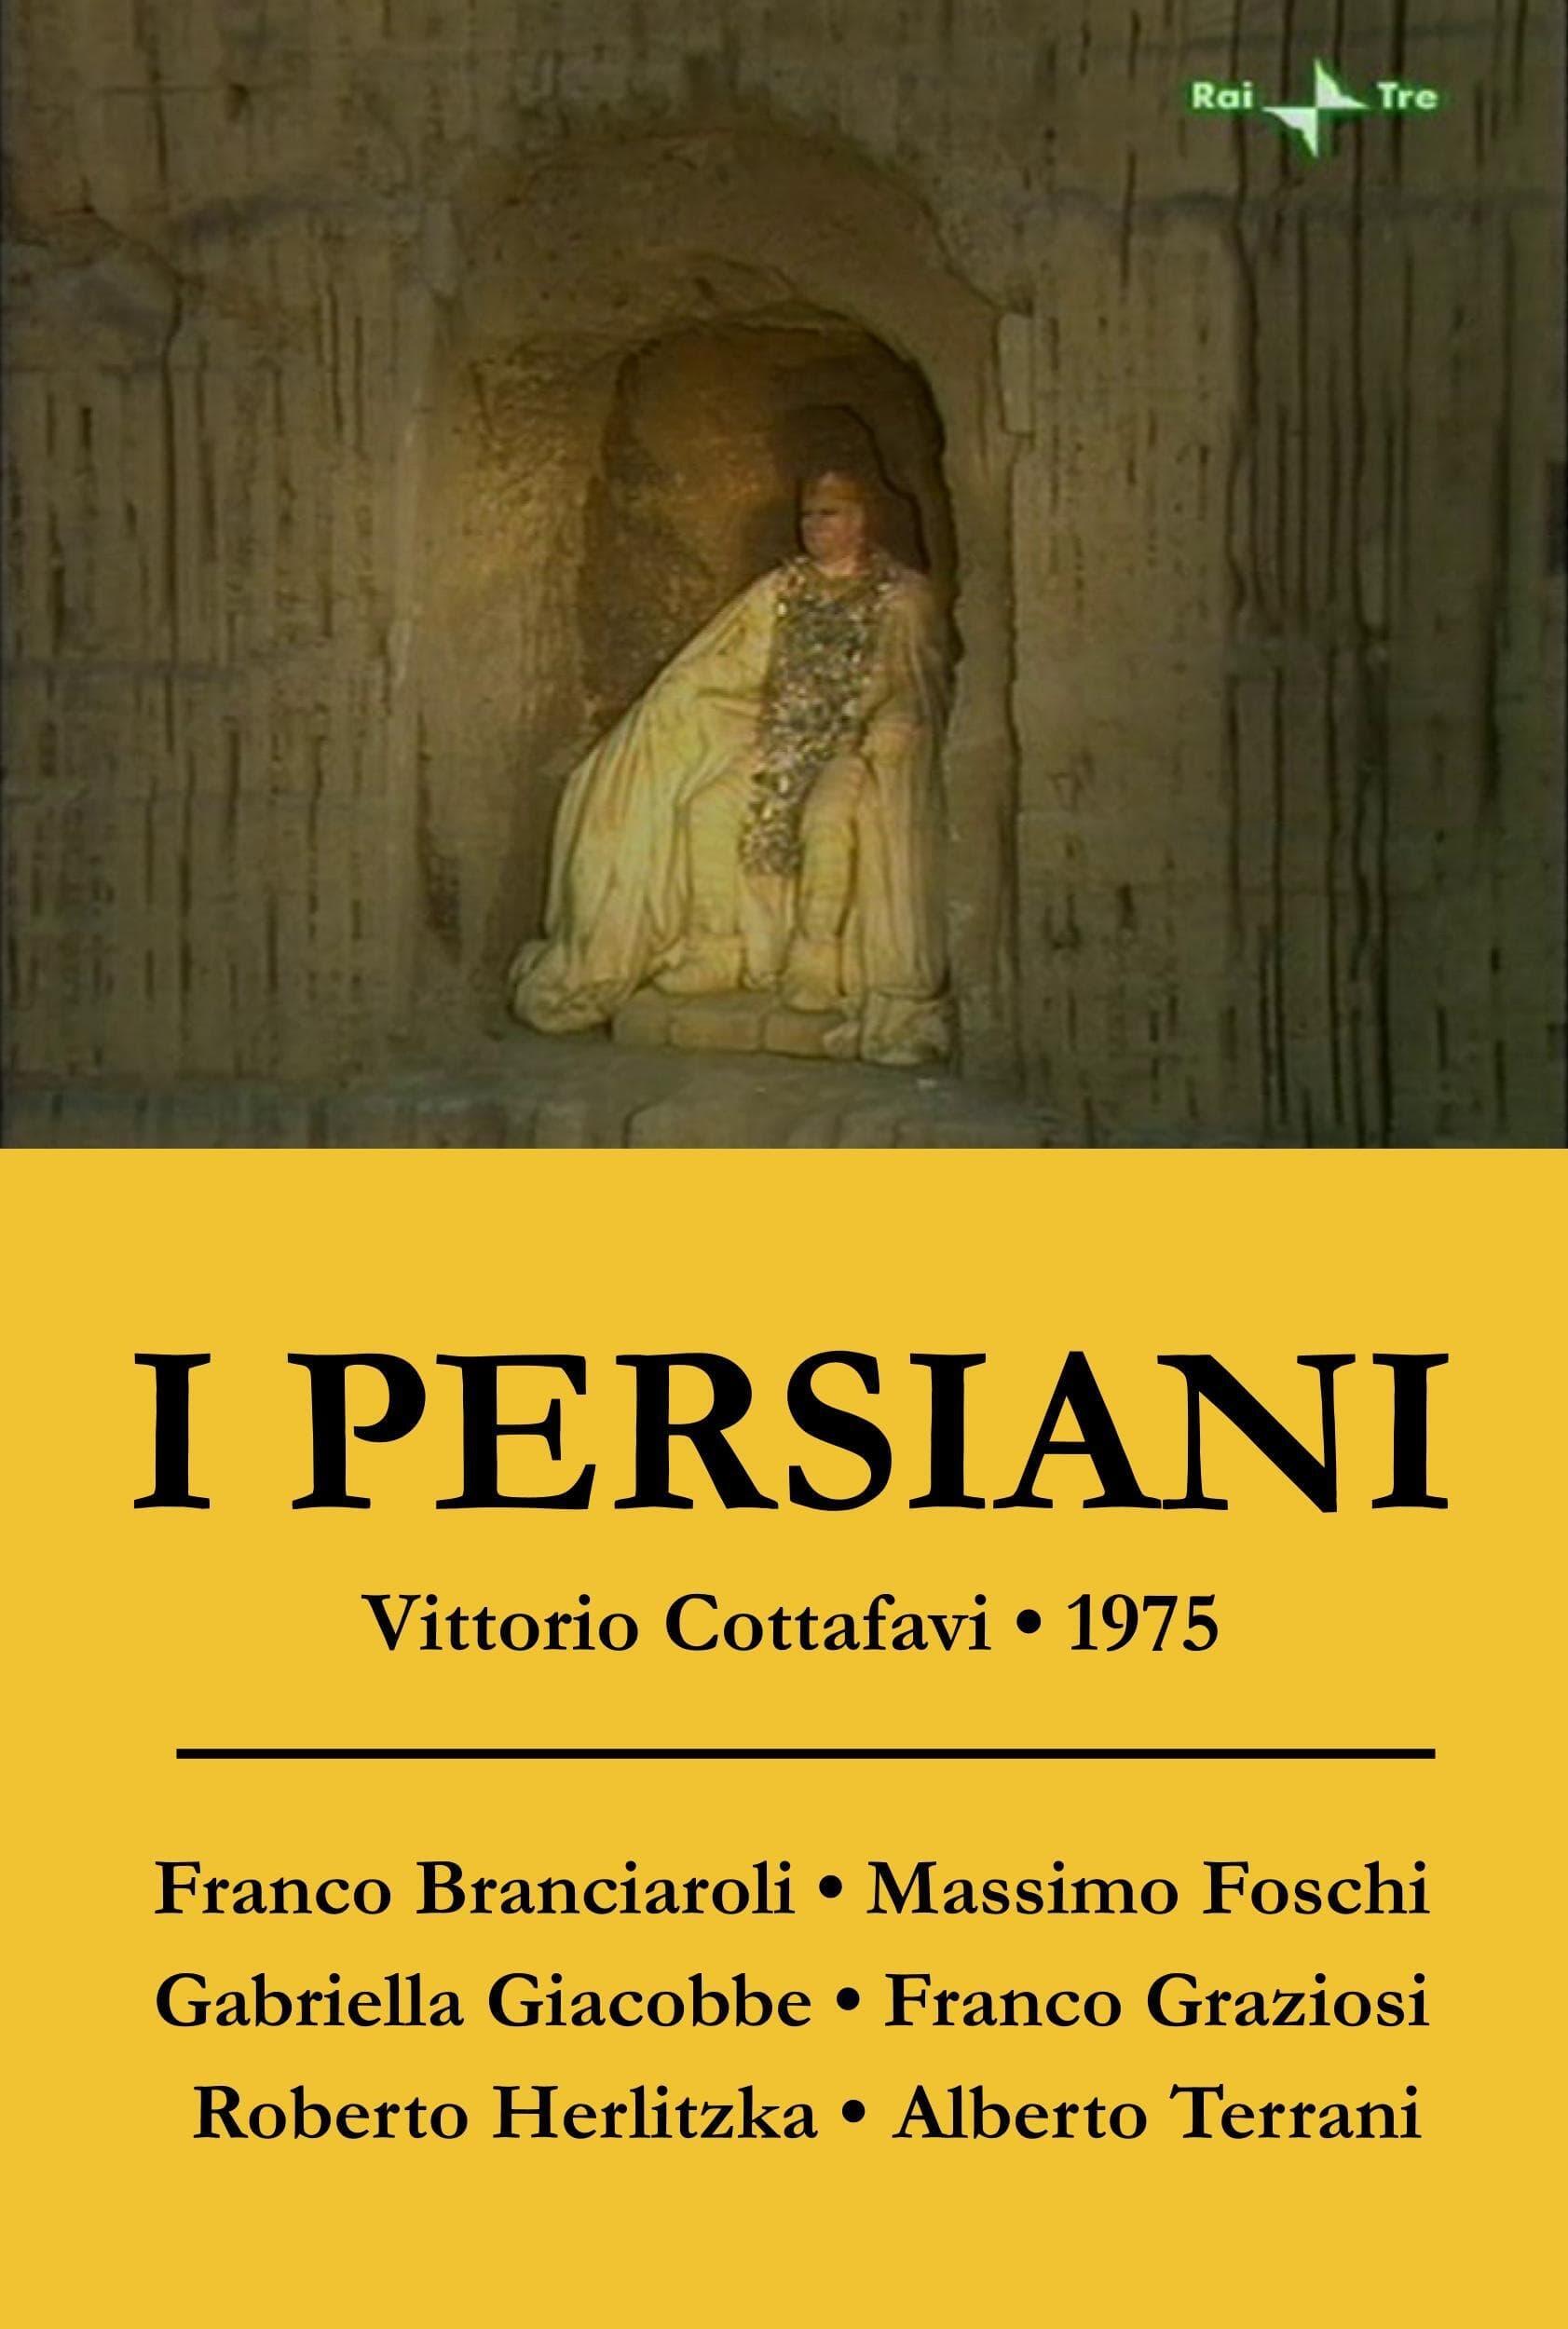 I persiani